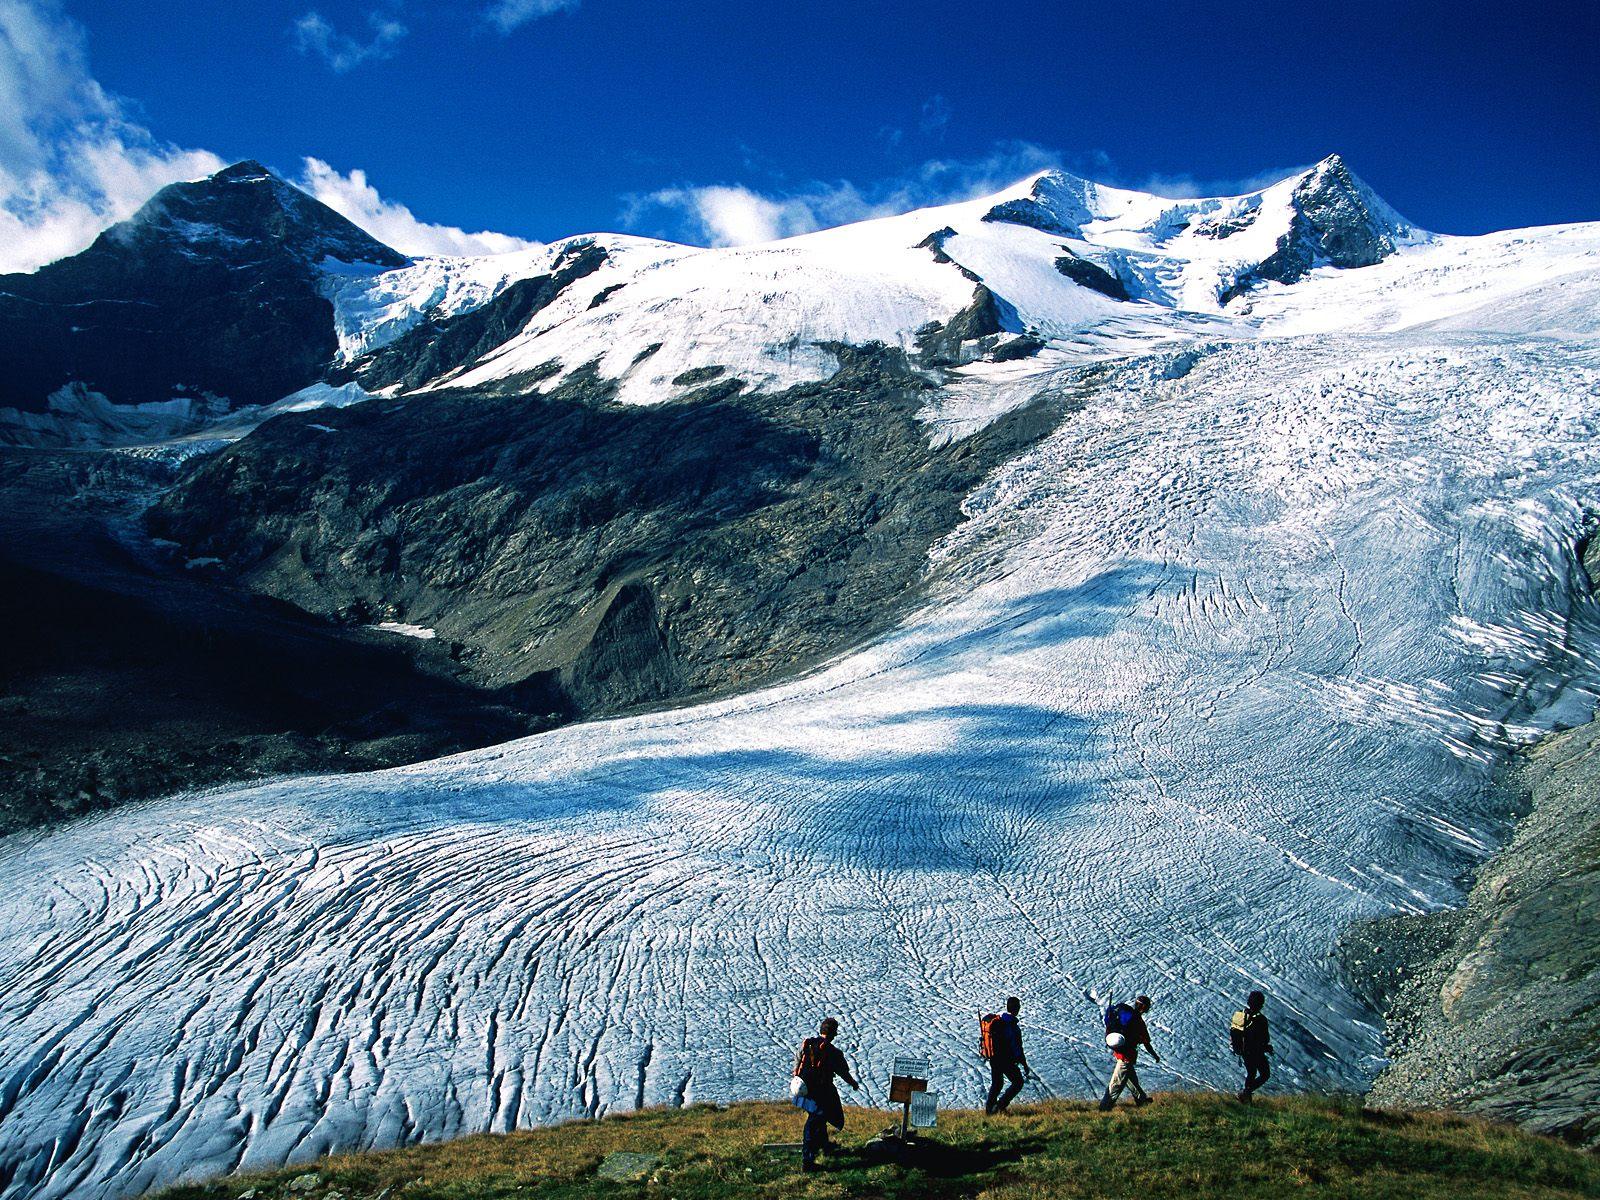 https://www.zastavki.com/pictures/1600x1200/2008/World_Austria_Schlaten_Glacier__Hohe_Tauern_National_Park__Austria_007845_.jpg